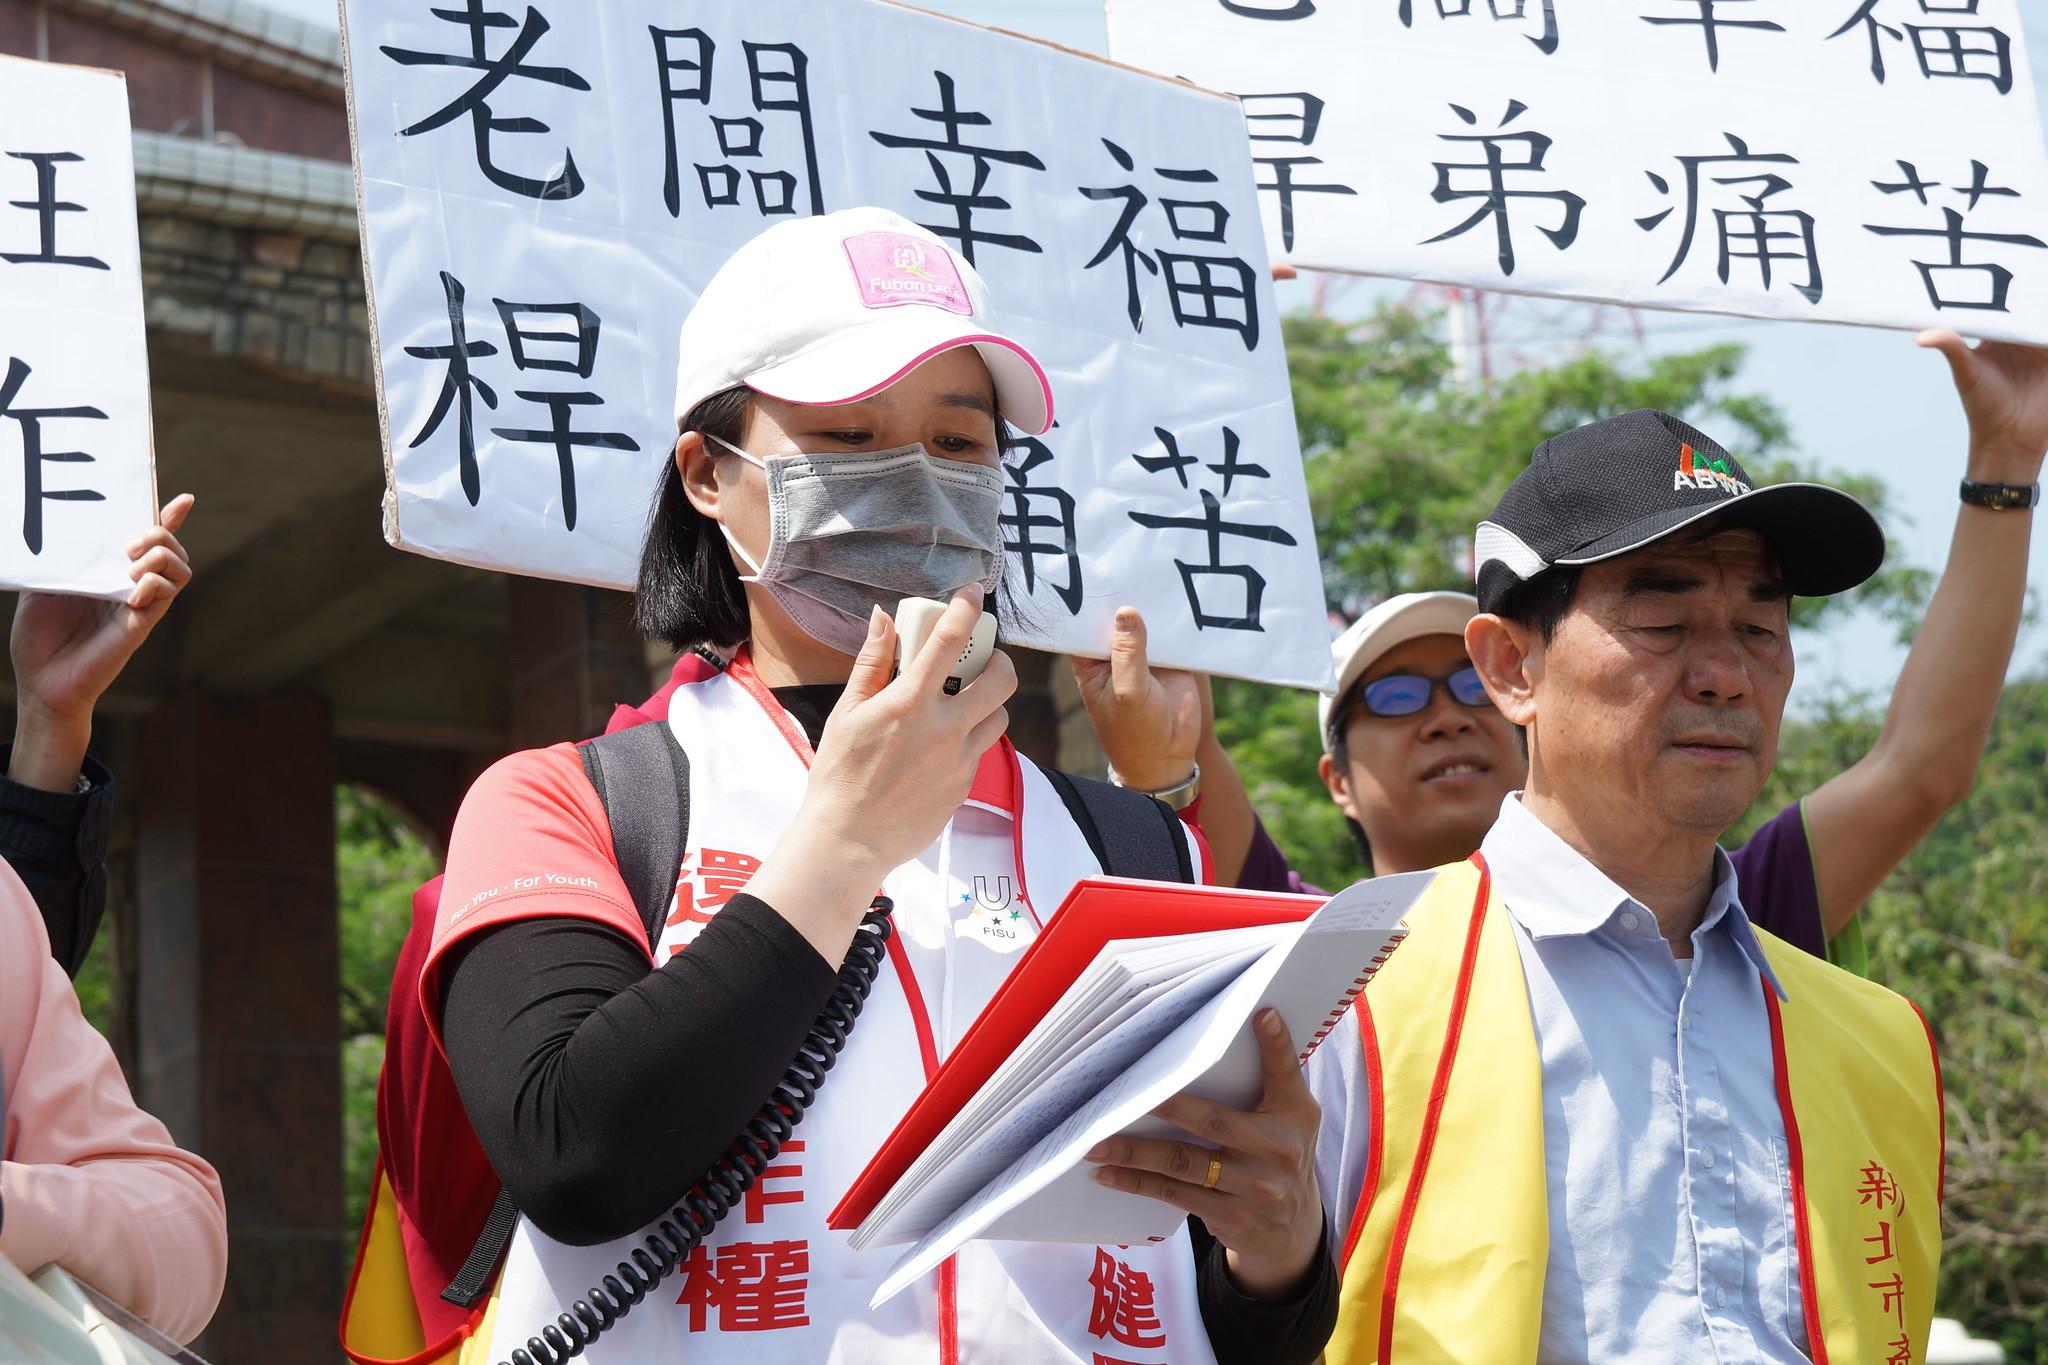 工會理事長表示,球場強迫桿弟簽委任契約,不簽的人就停班,立刻失去收入。(攝影:王顥中)